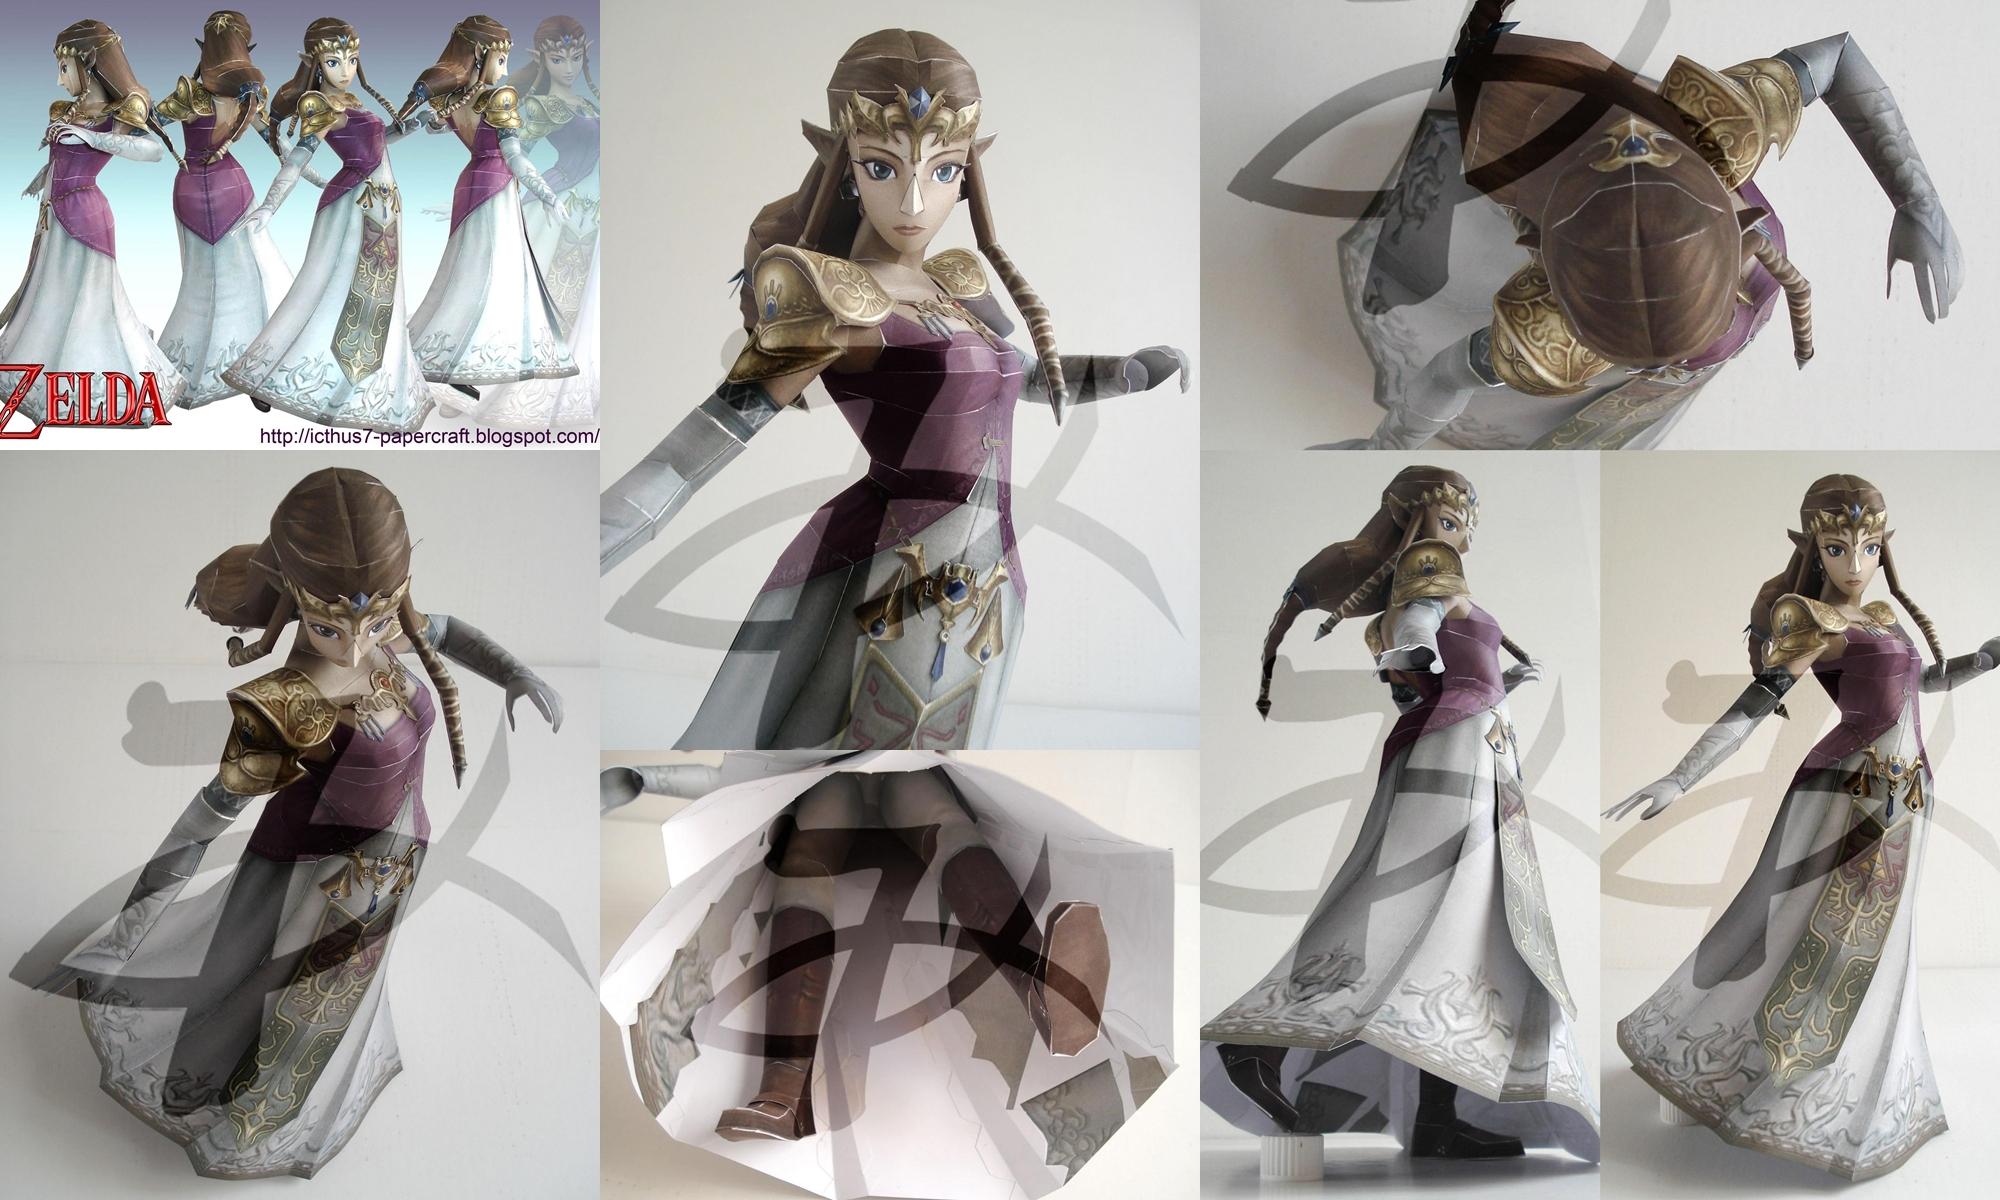 Zelda Super Smash Bros photos by enrique3